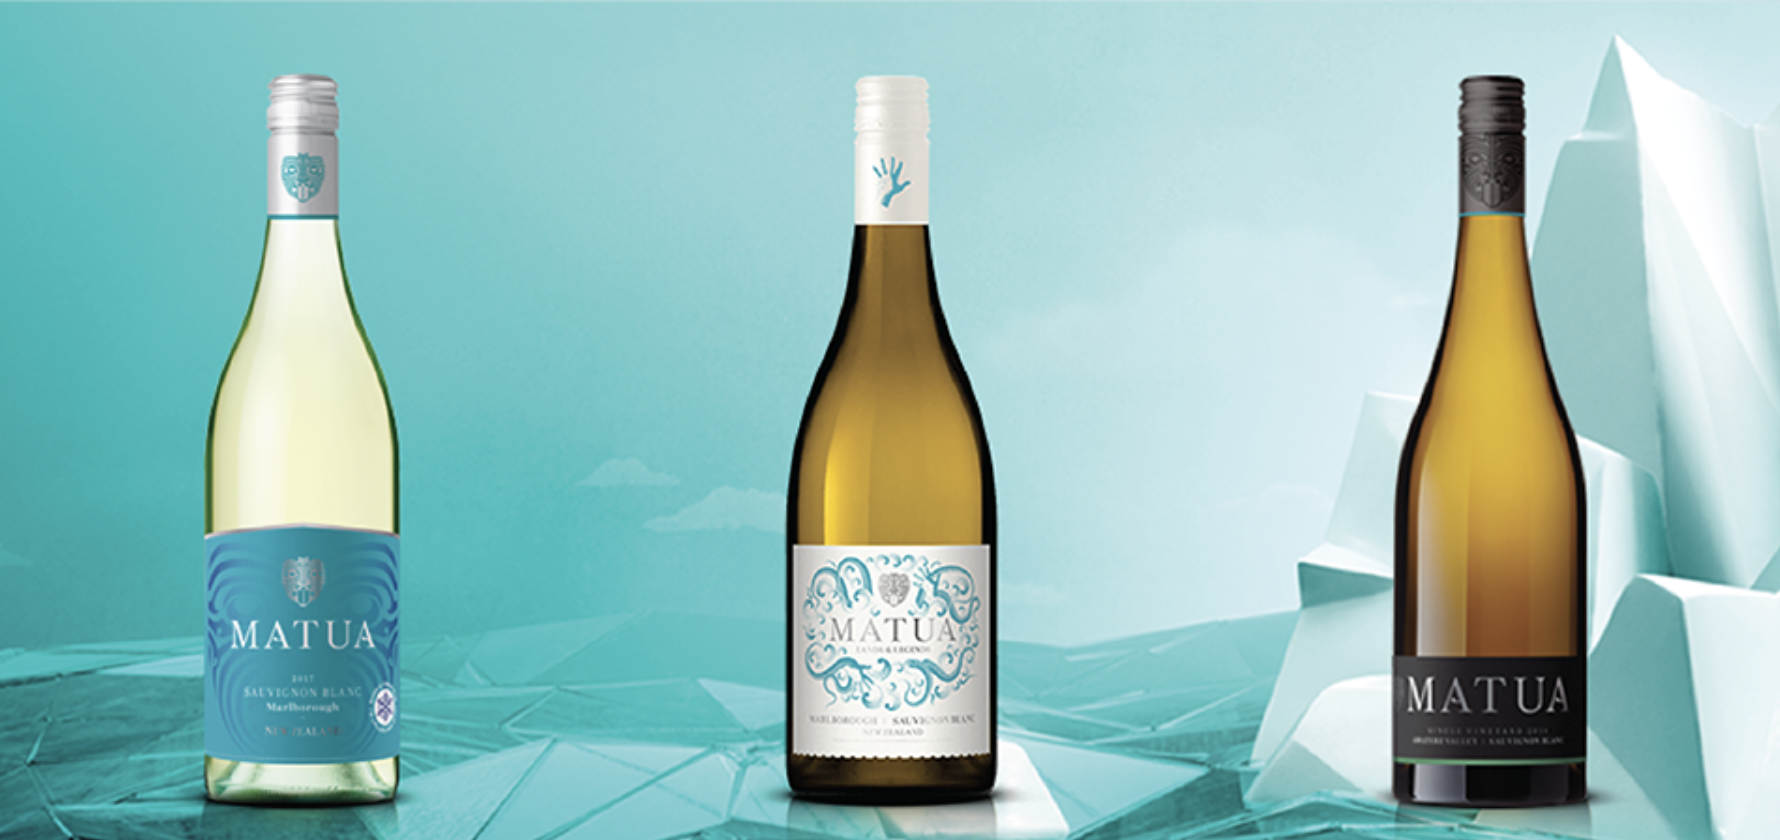 matua wine.png